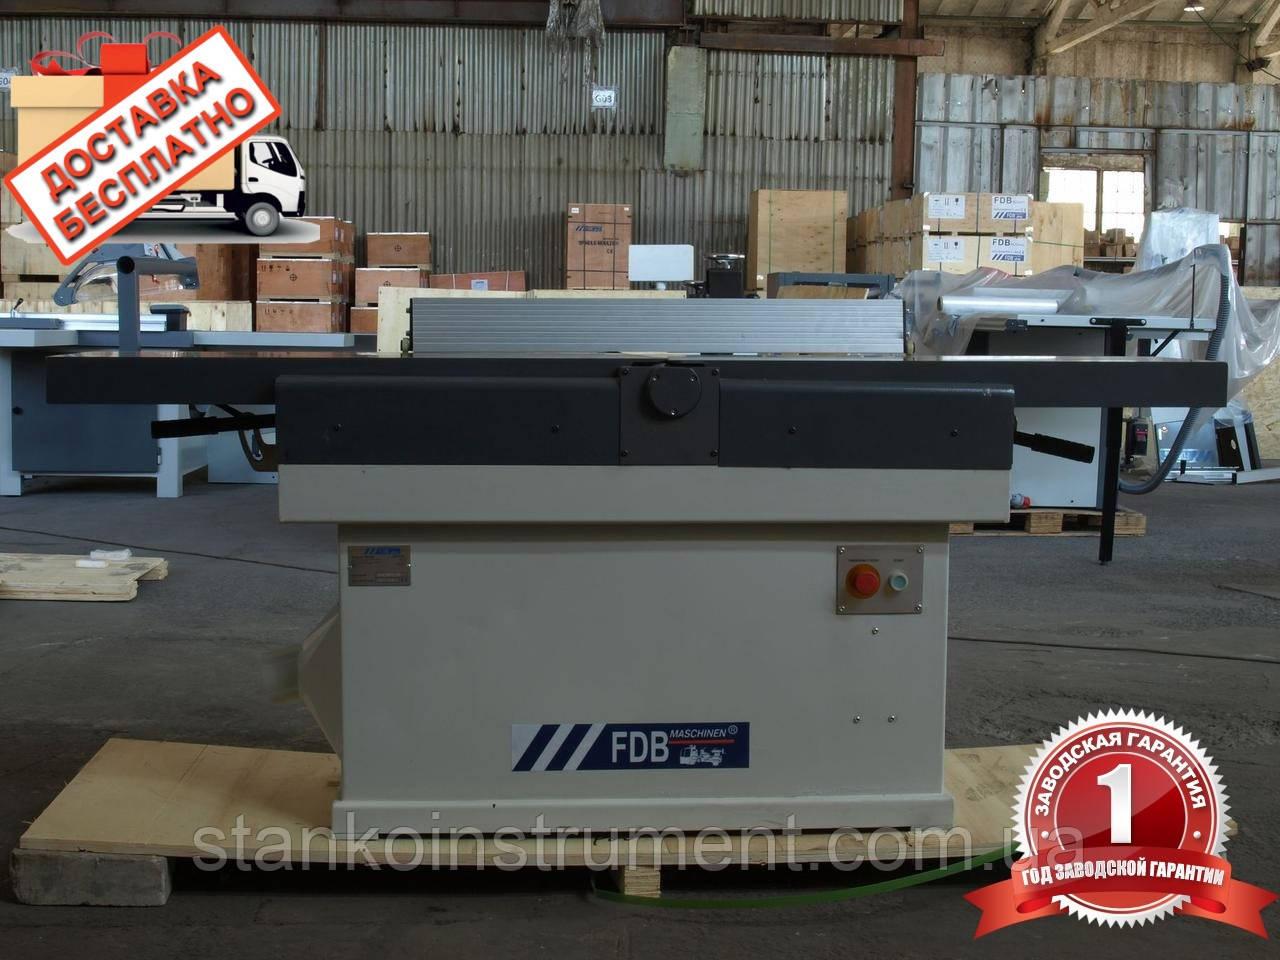 Фуговально-строгальный станок FDB Maschine MB303 фуганок 300мм